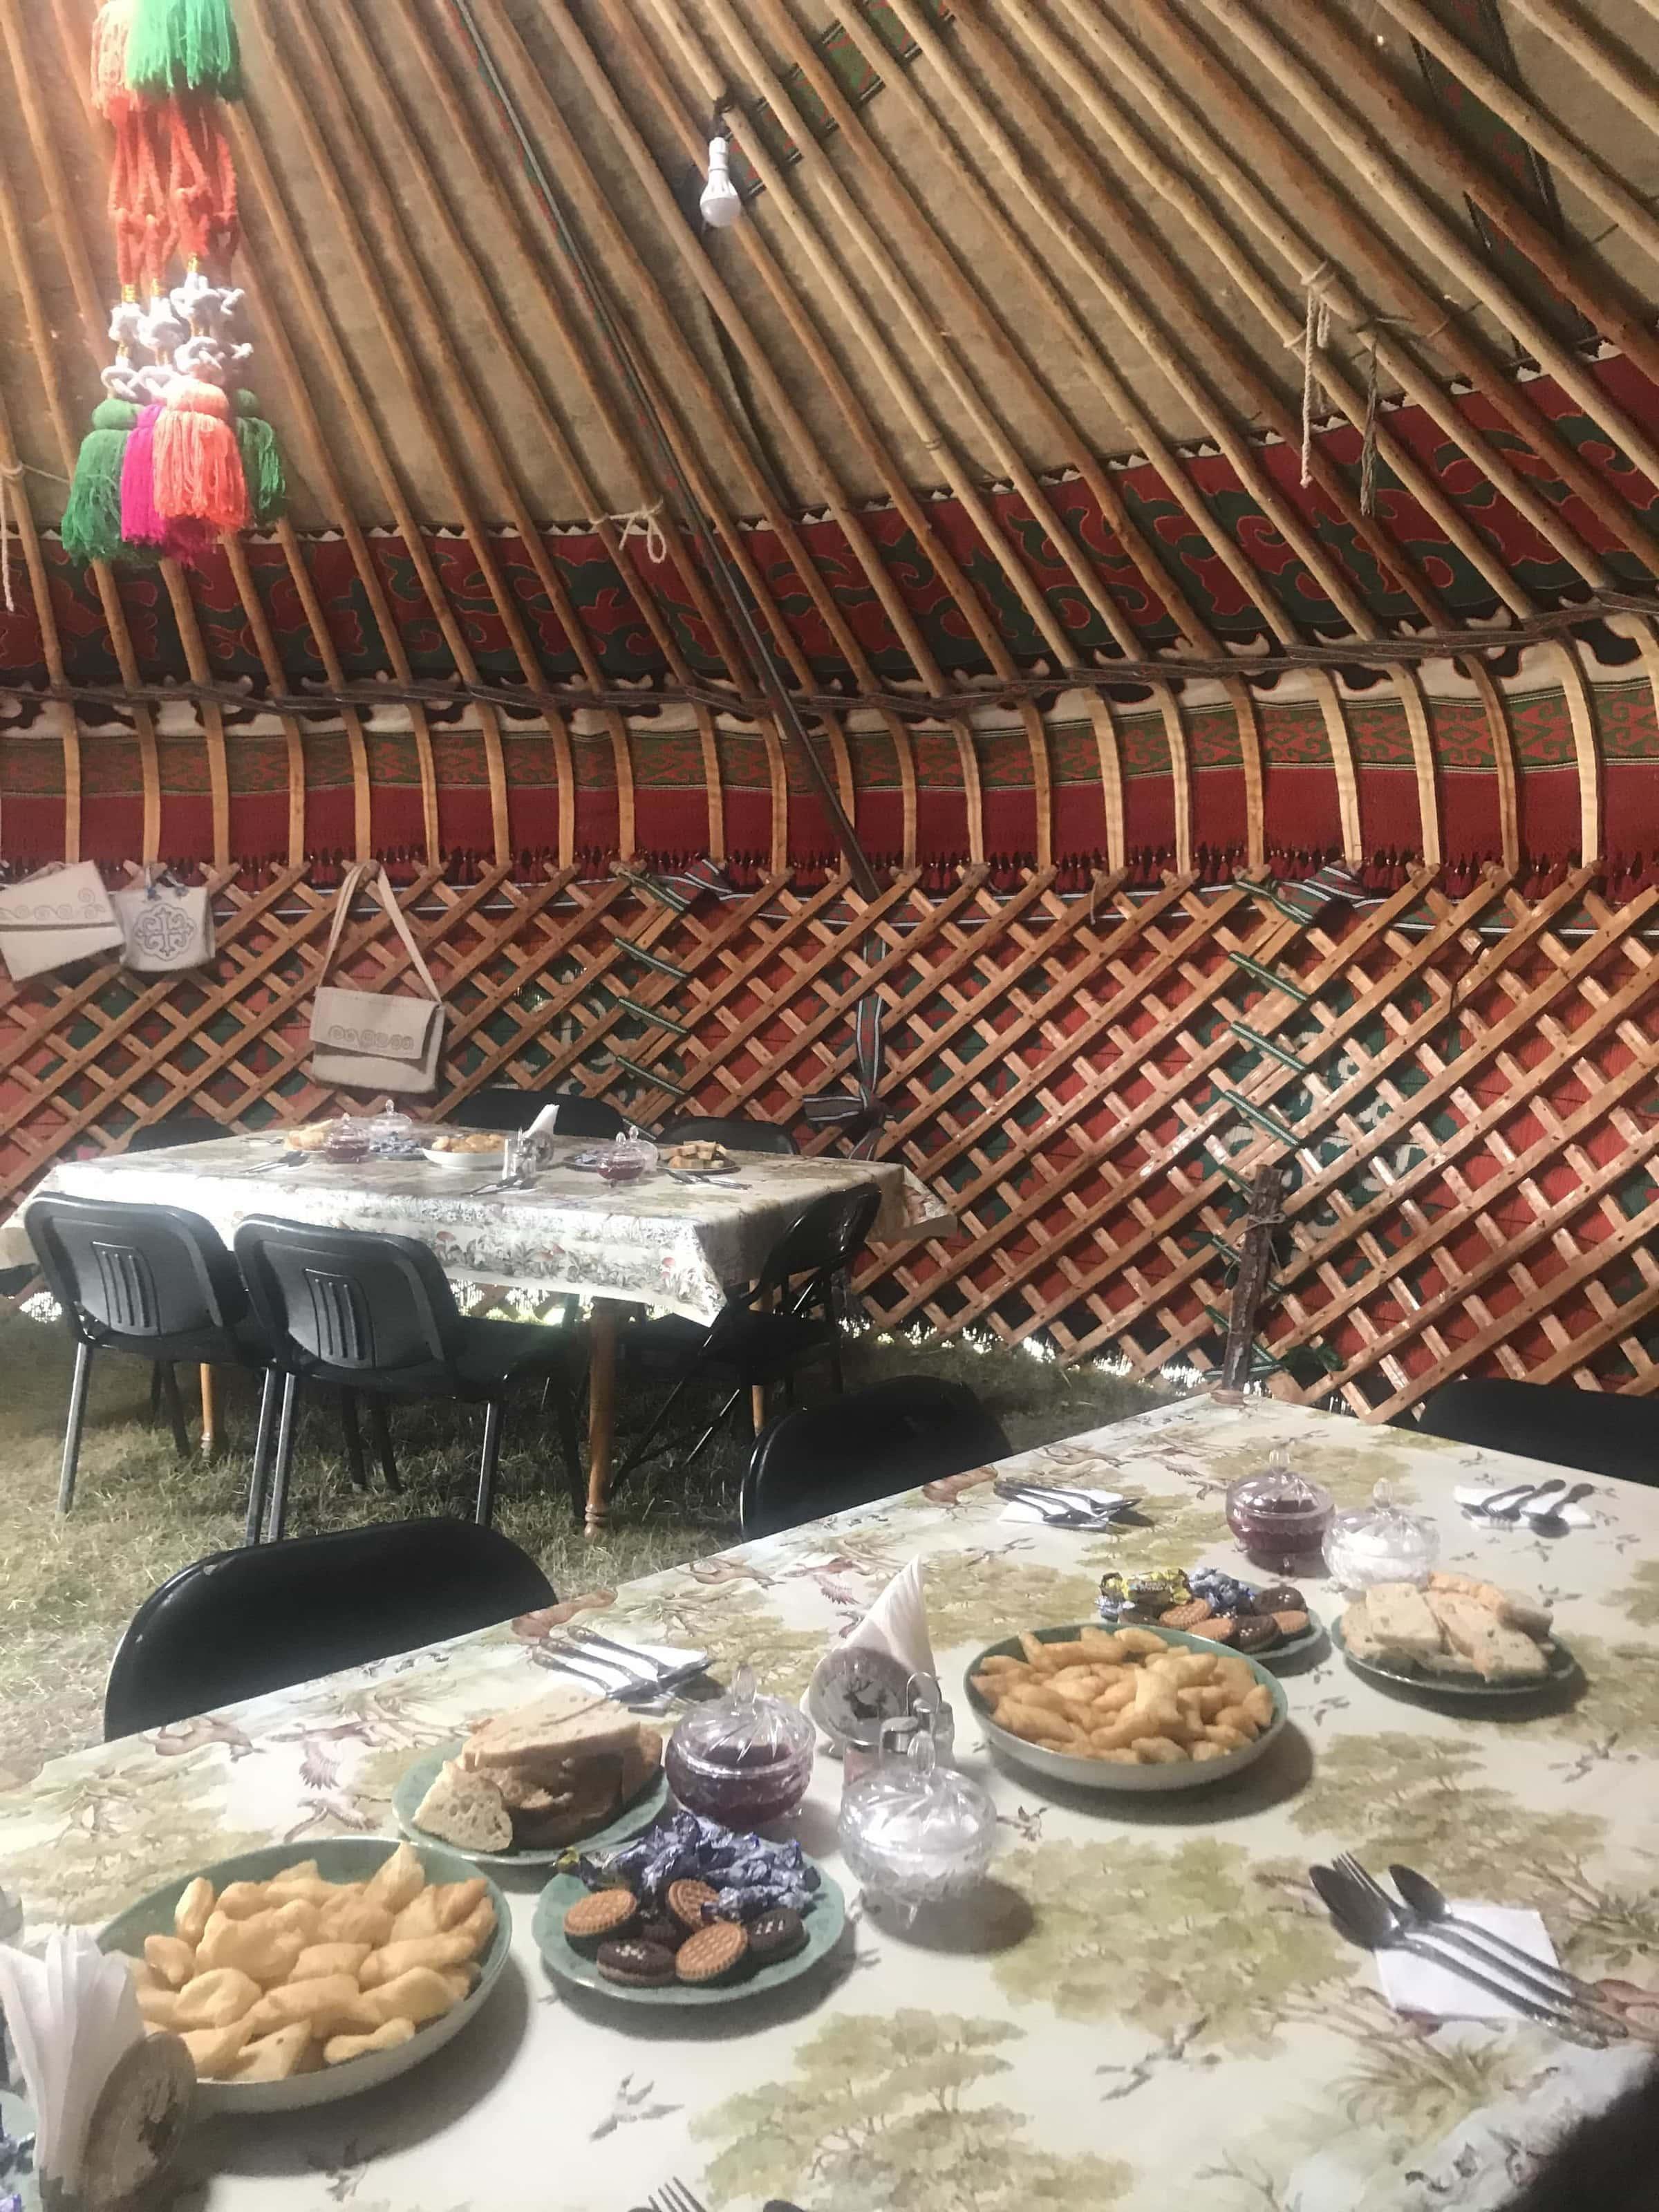 Mittagessen im Jurtencamp am Songköl